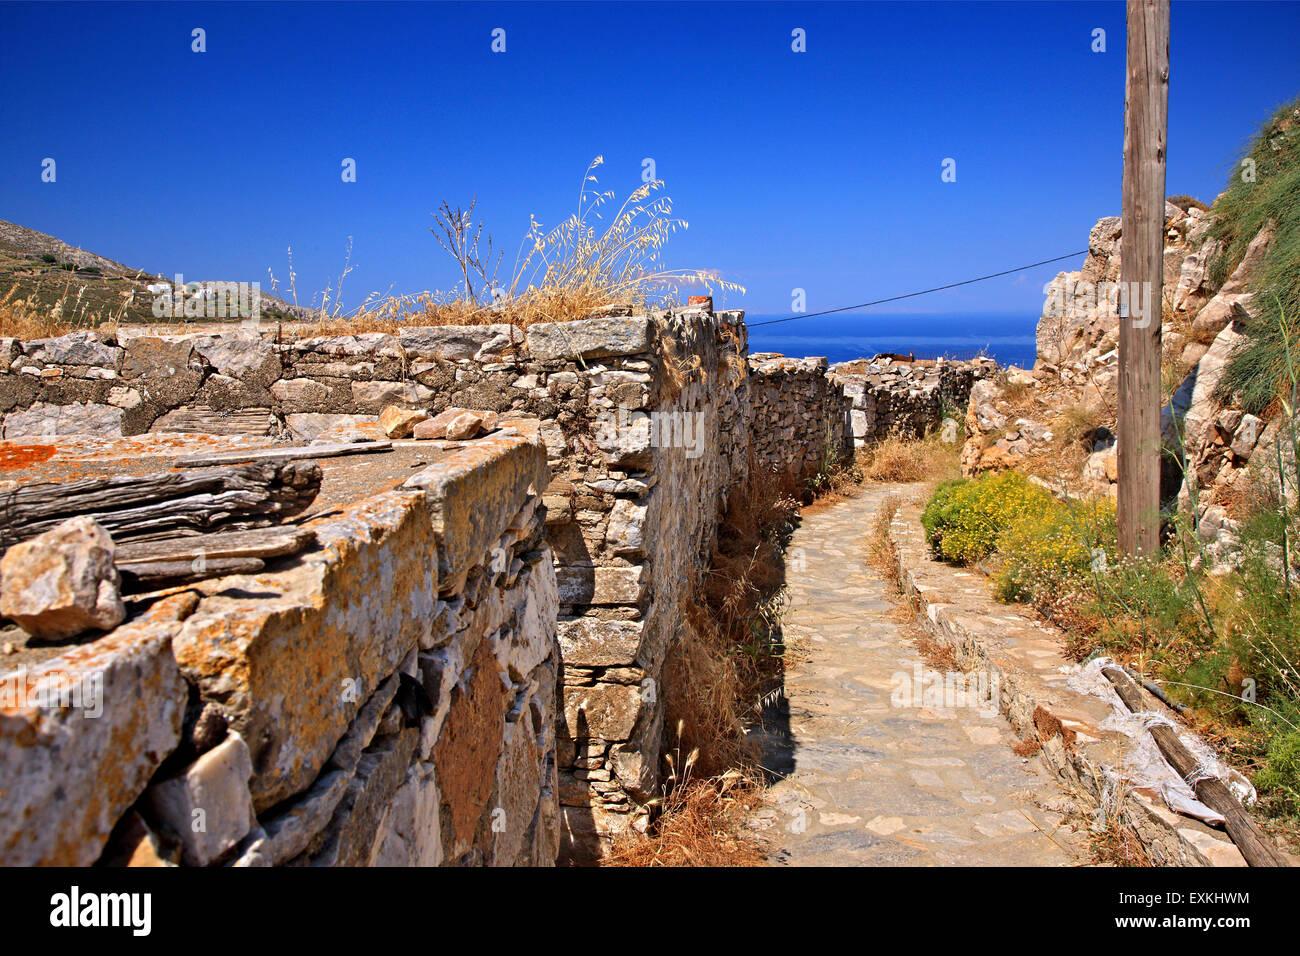 Sa Michalis ('Saint Michael') village, at the north side ('Apano Meria') of Syros island, Cyclades, - Stock Image